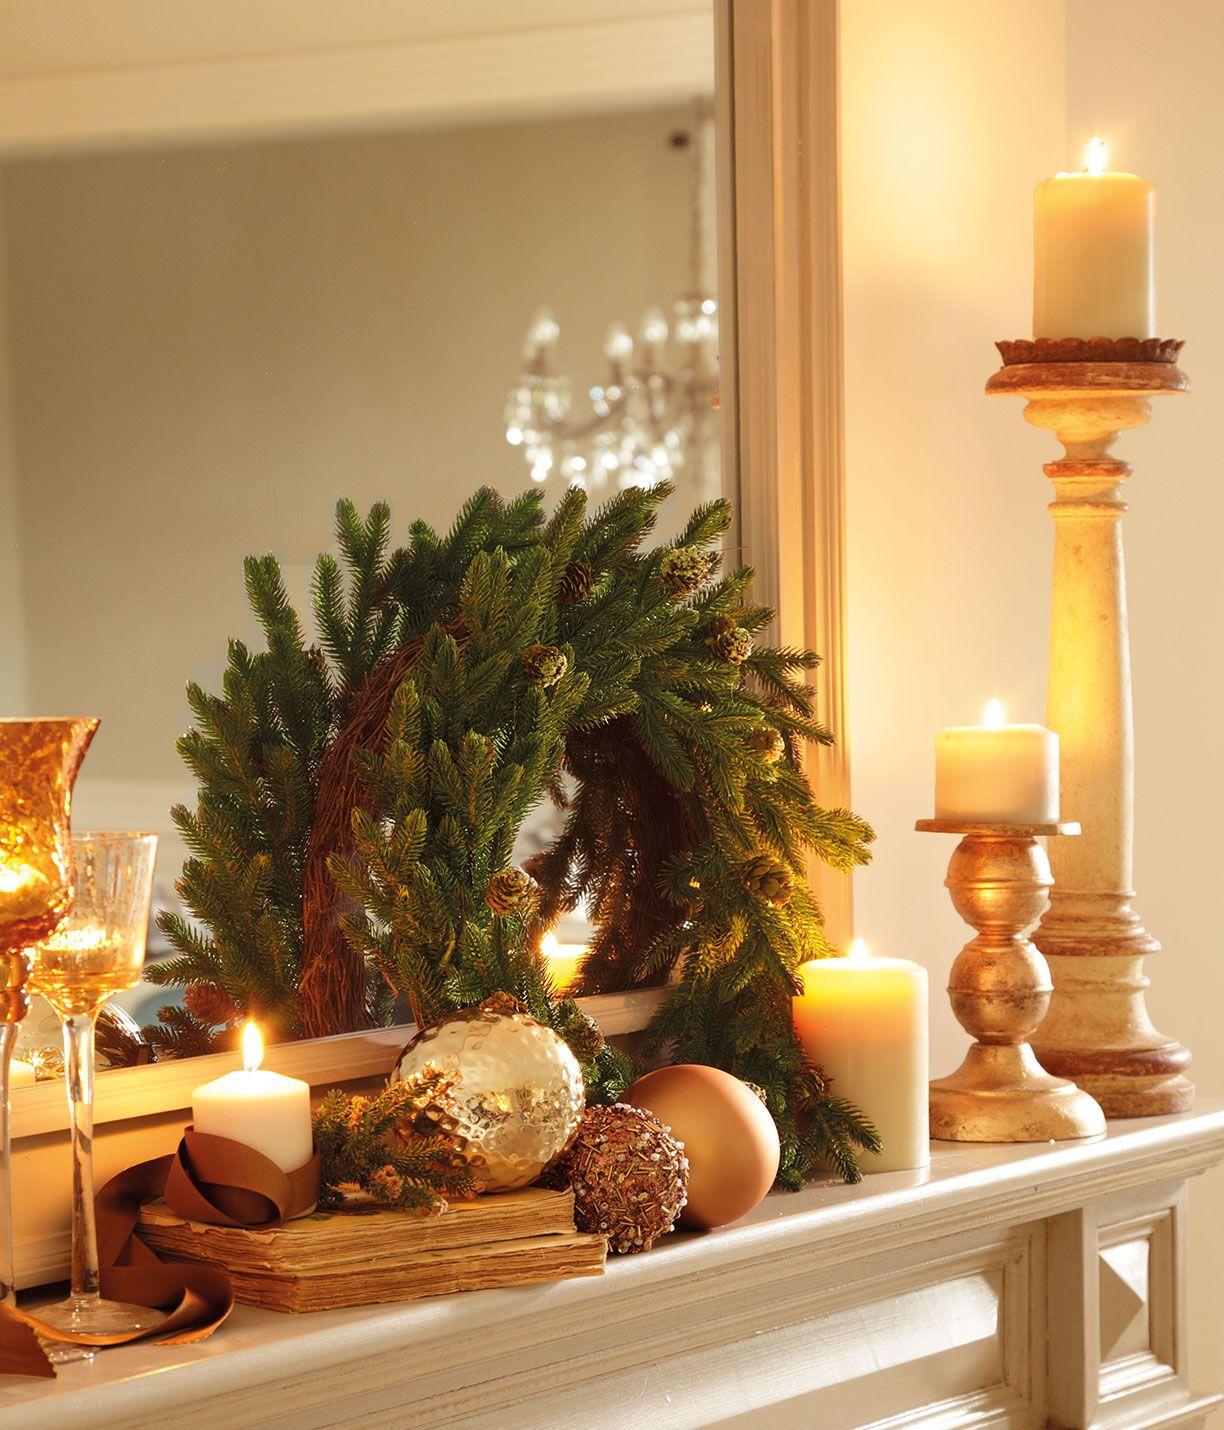 Decorar una casa pequena por navidad westwing magazine 6 for Decorar casa minimalista navidad